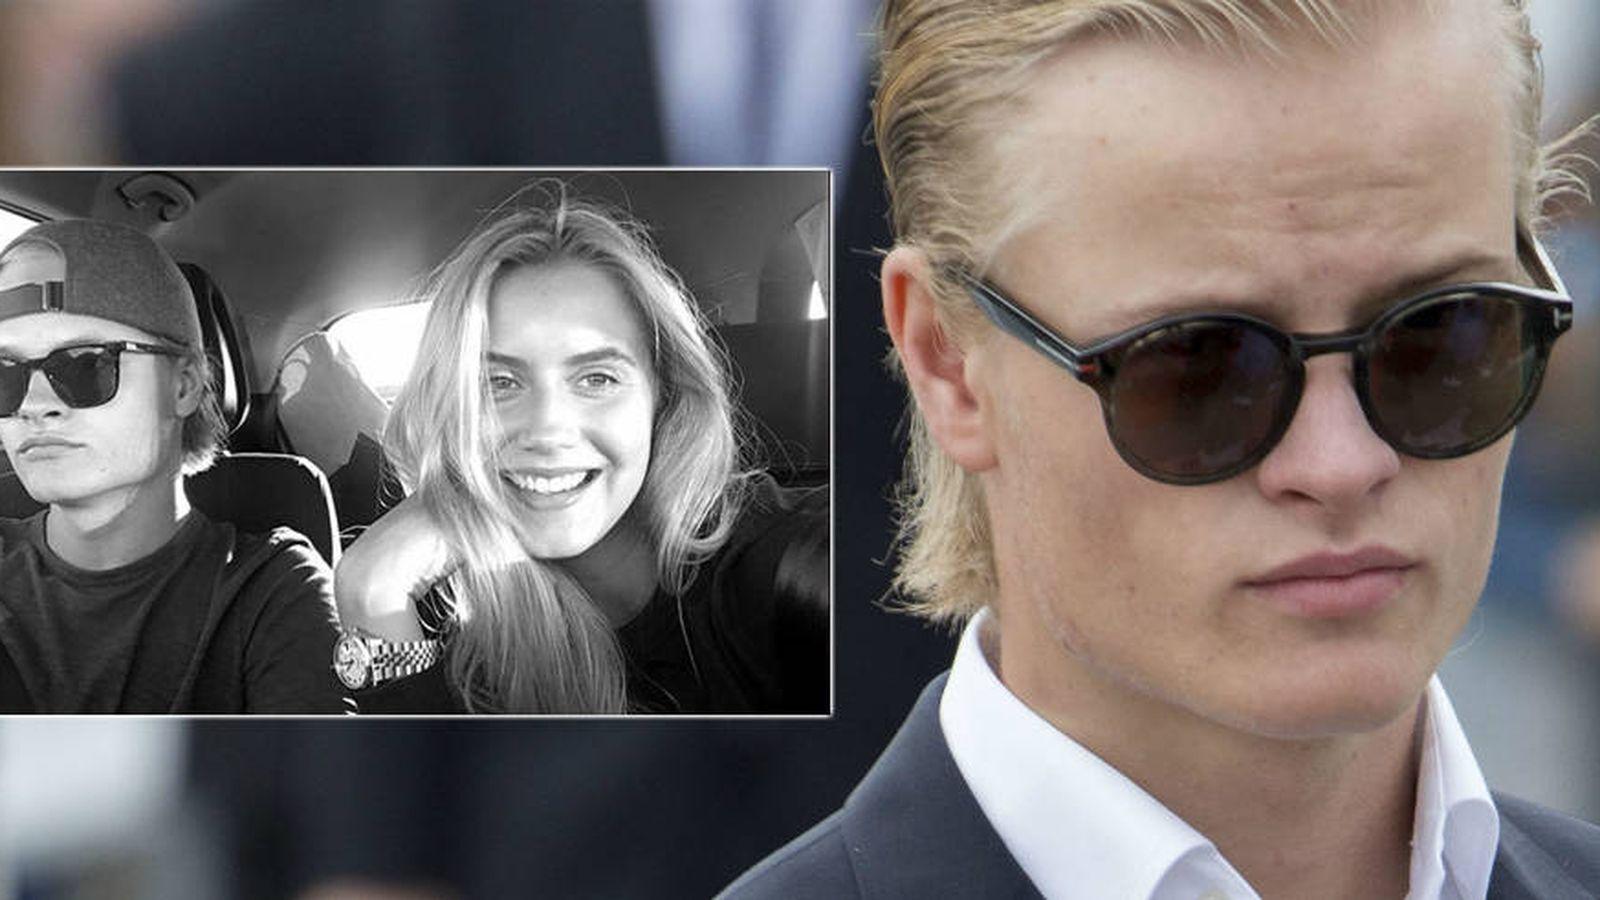 Foto: Marius Borg y su novia en una imagen de Instagram